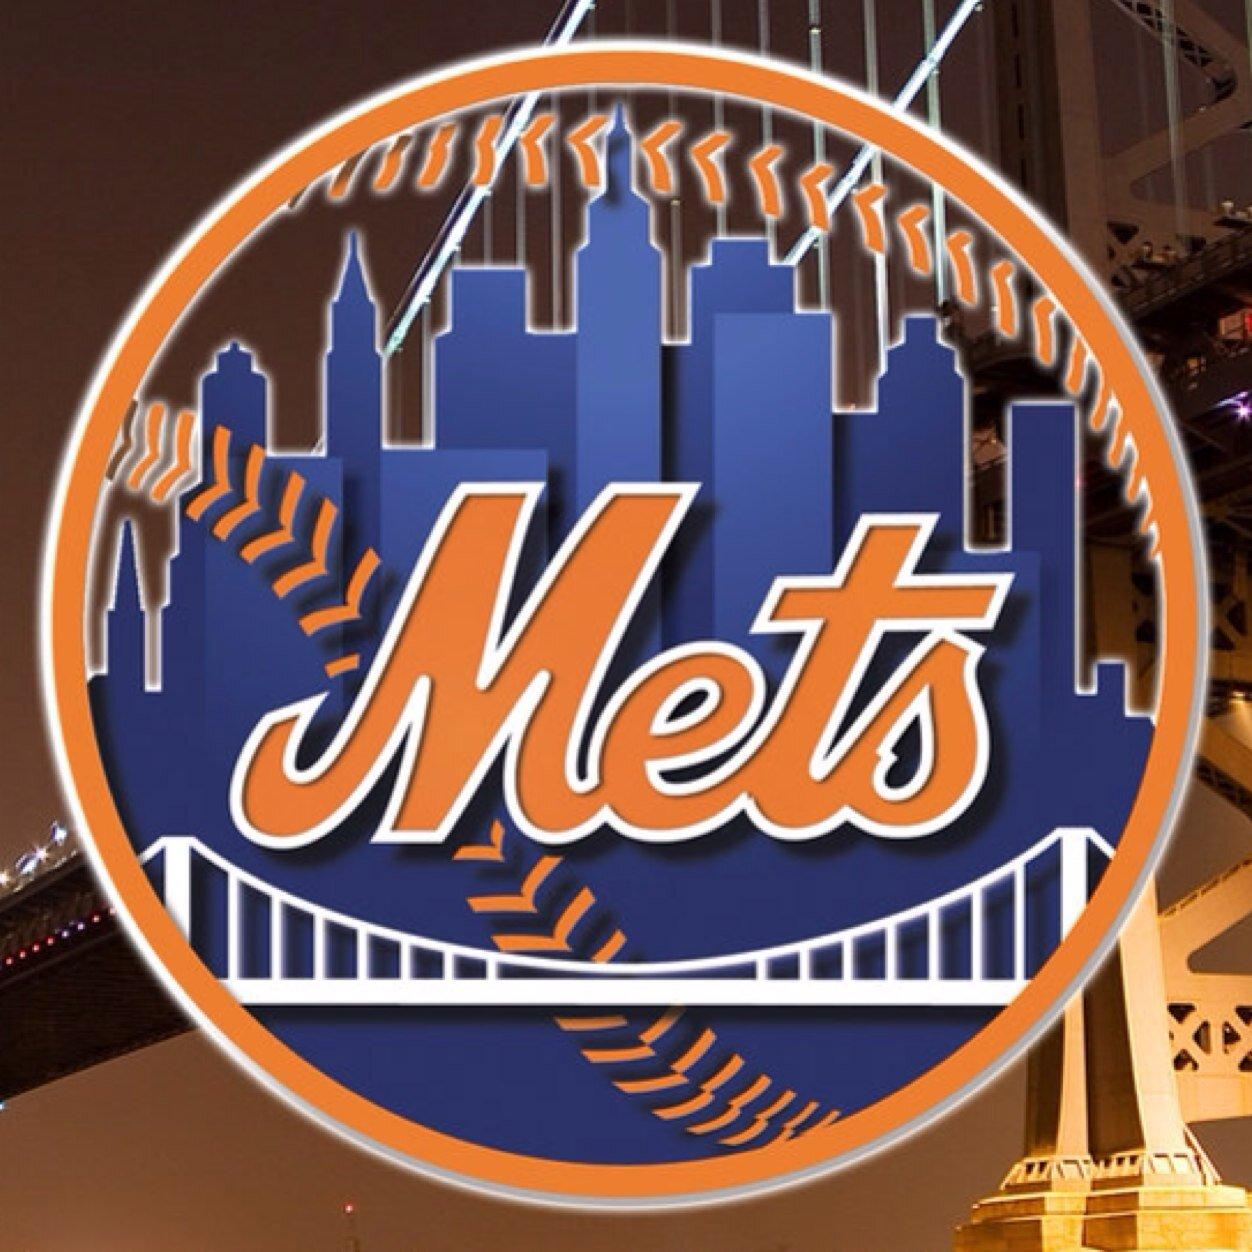 mets logo wallpaper related keywords suggestions mets